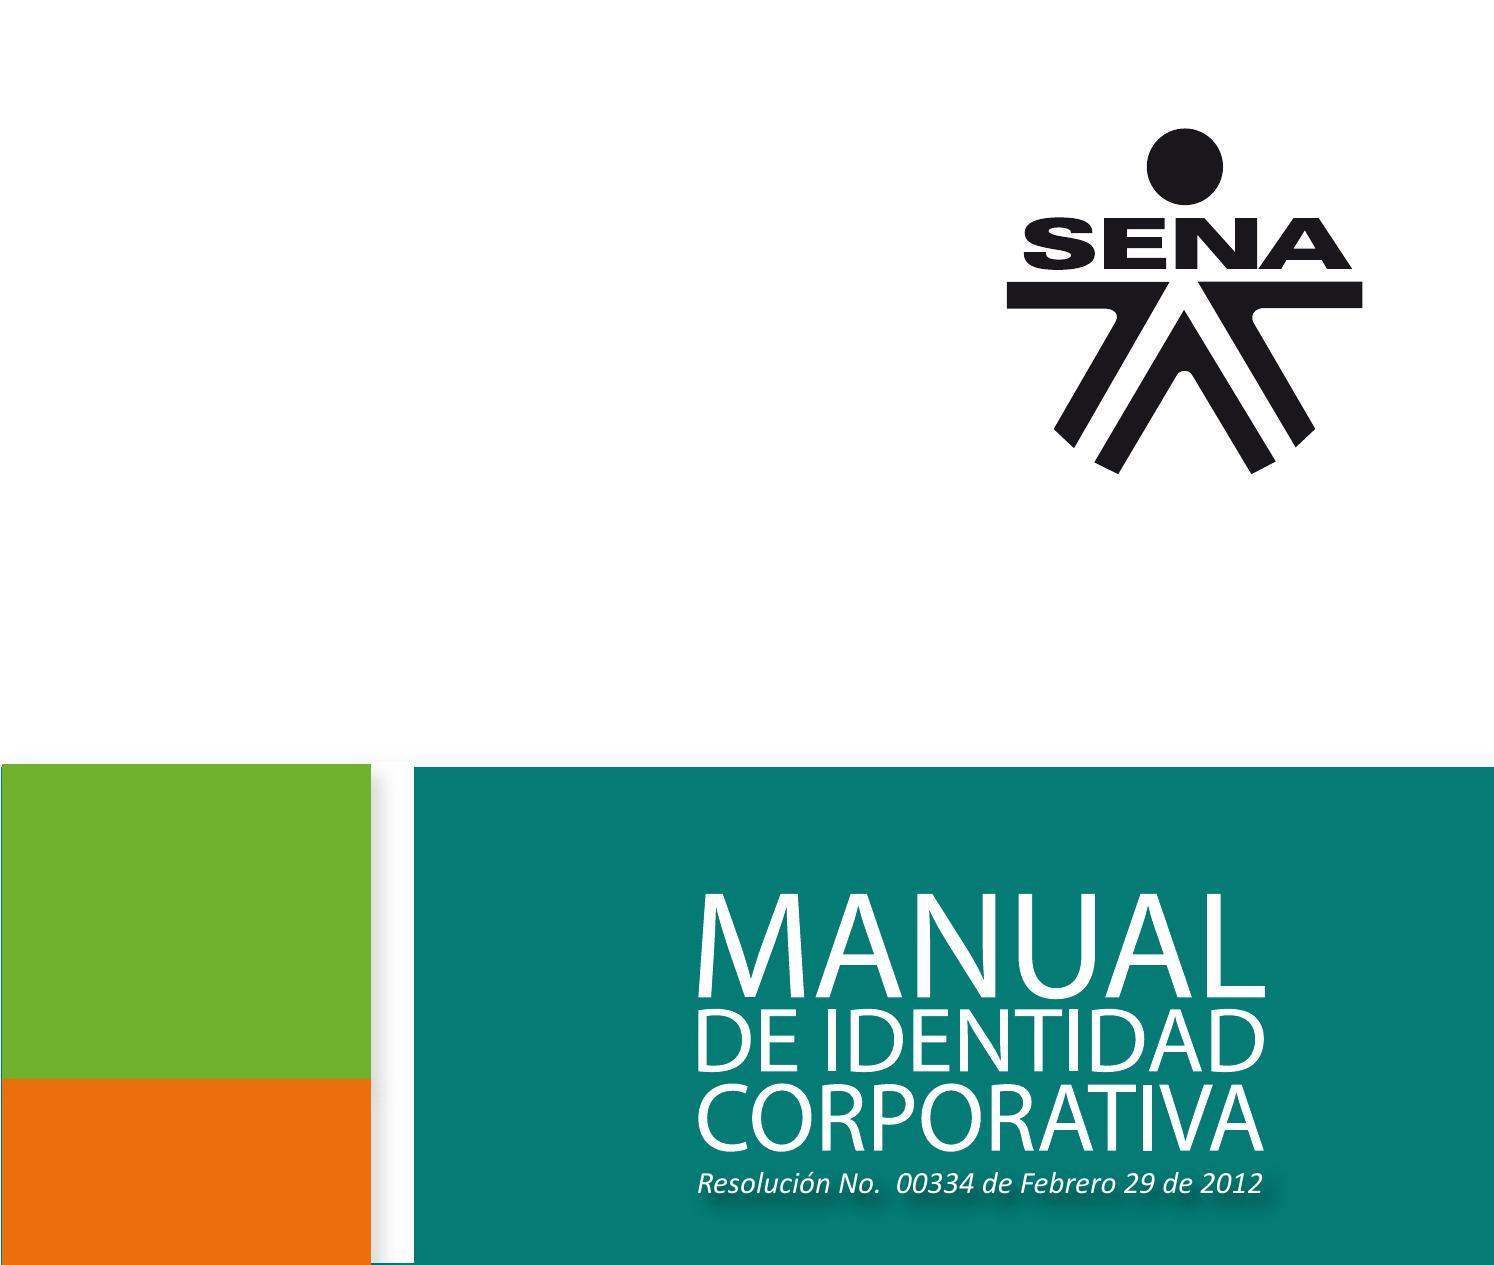 f30cfed7e Manual de identidad corporativa sena copia by Luz Deicy Garces Montano -  issuu